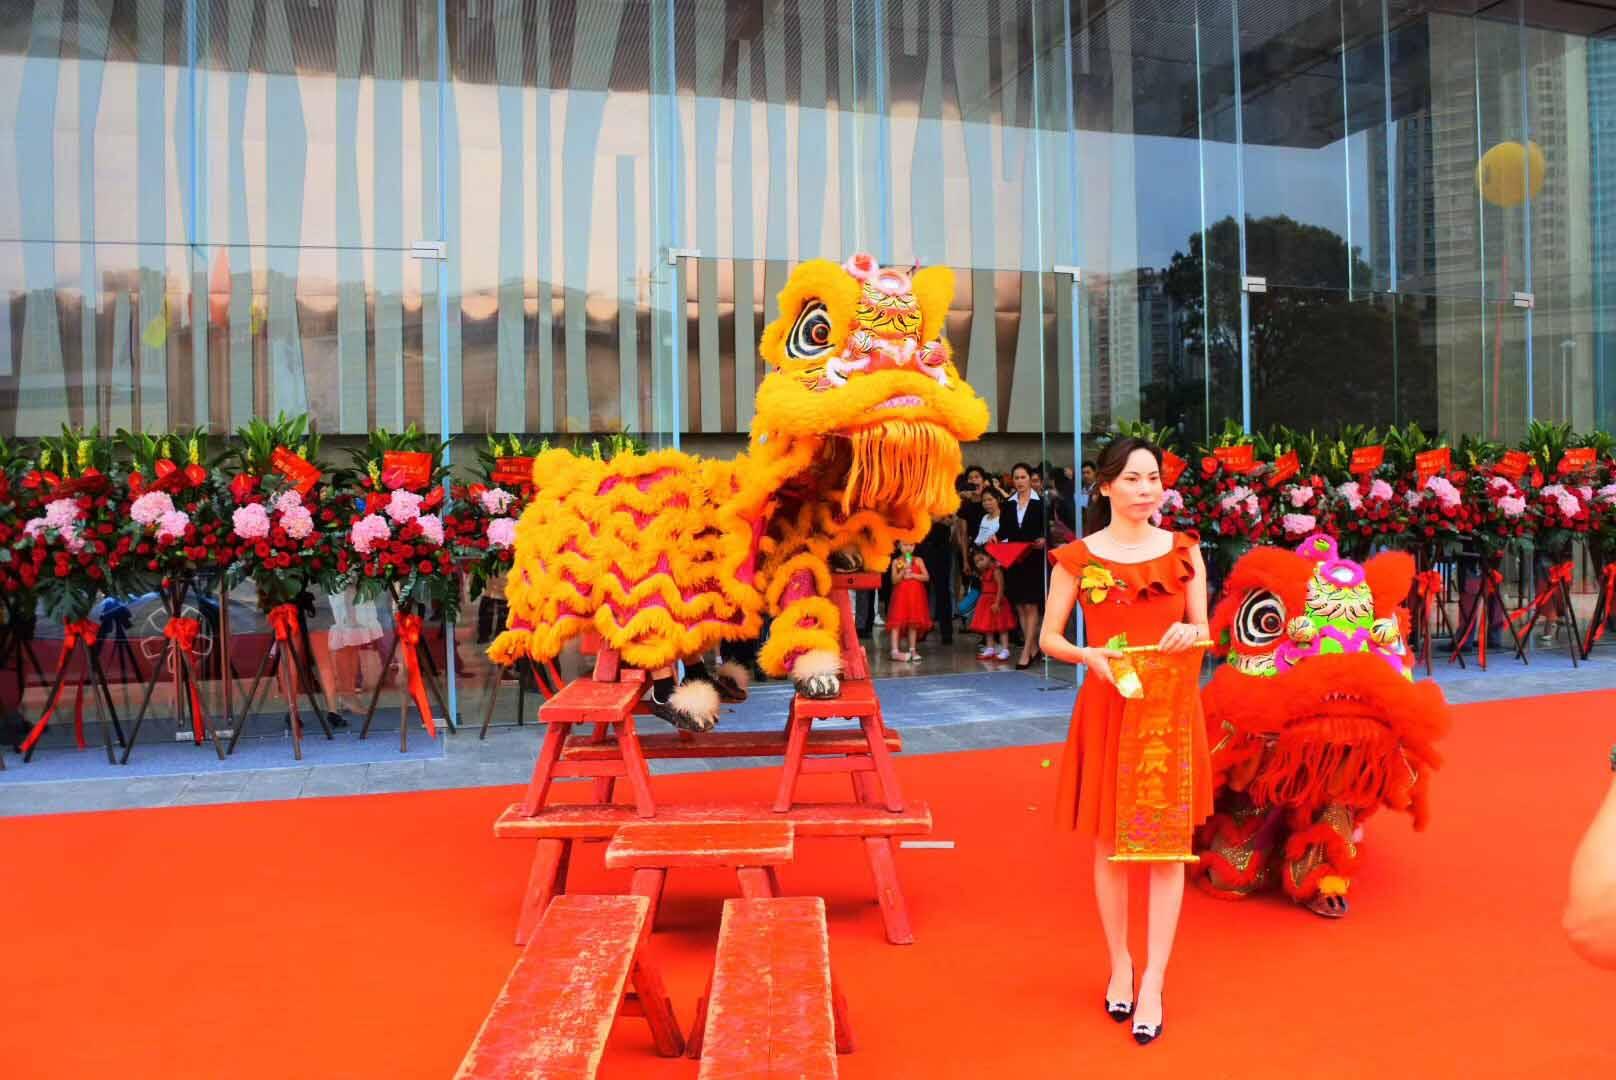 珠三角受欢迎的礼仪迎宾舞狮表演